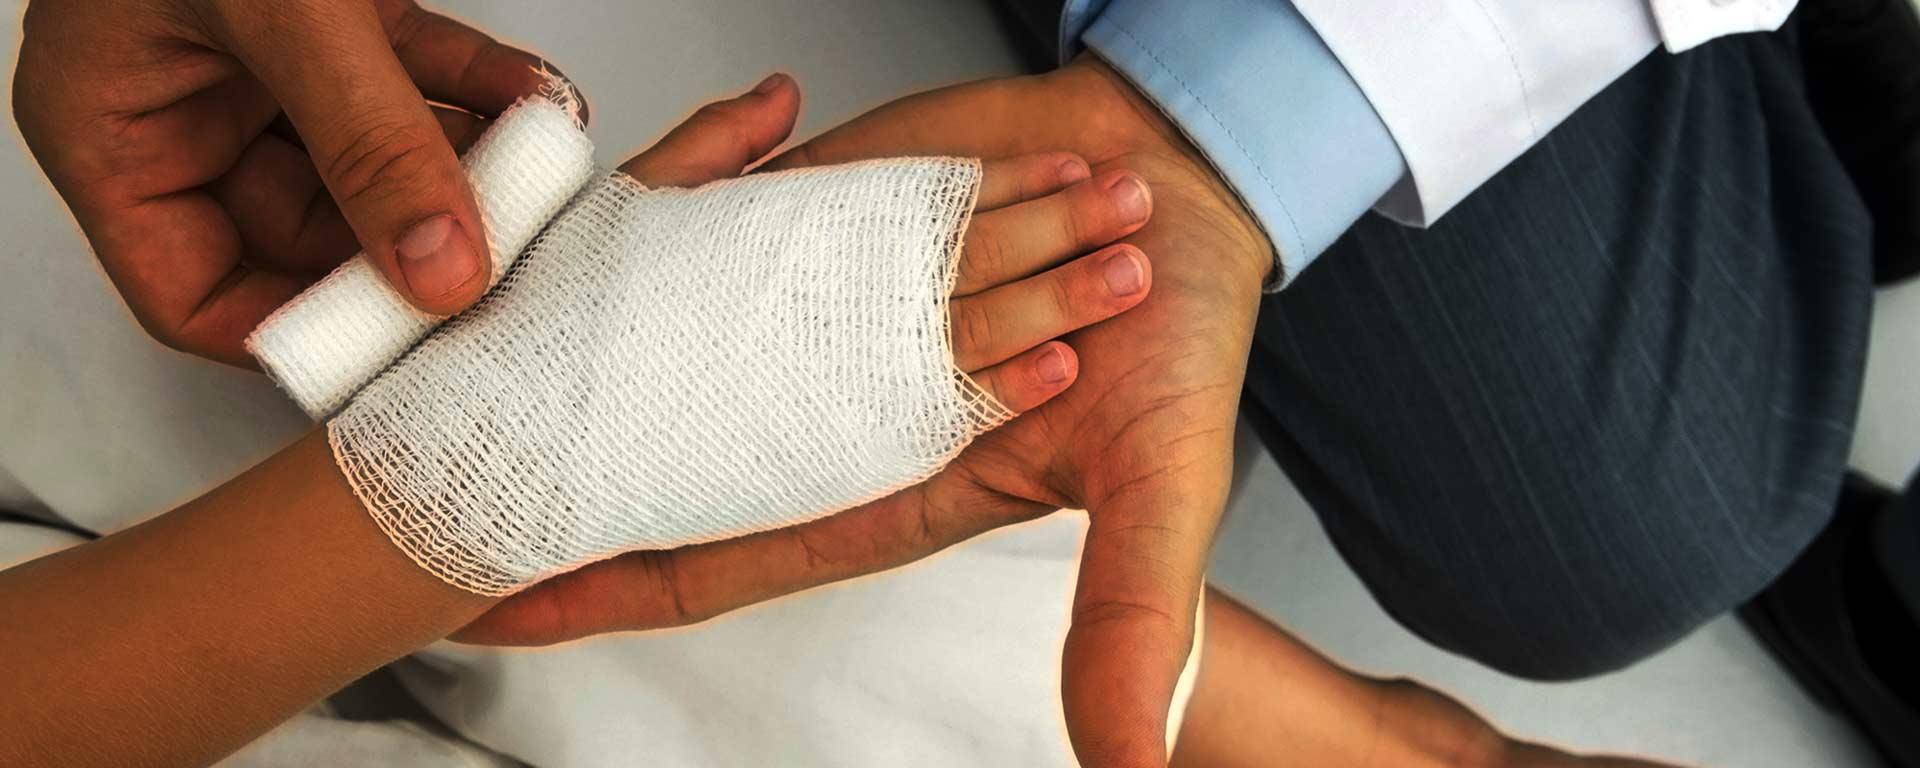 داروی درمان زخم و سوختگی <span>رباسین</span>